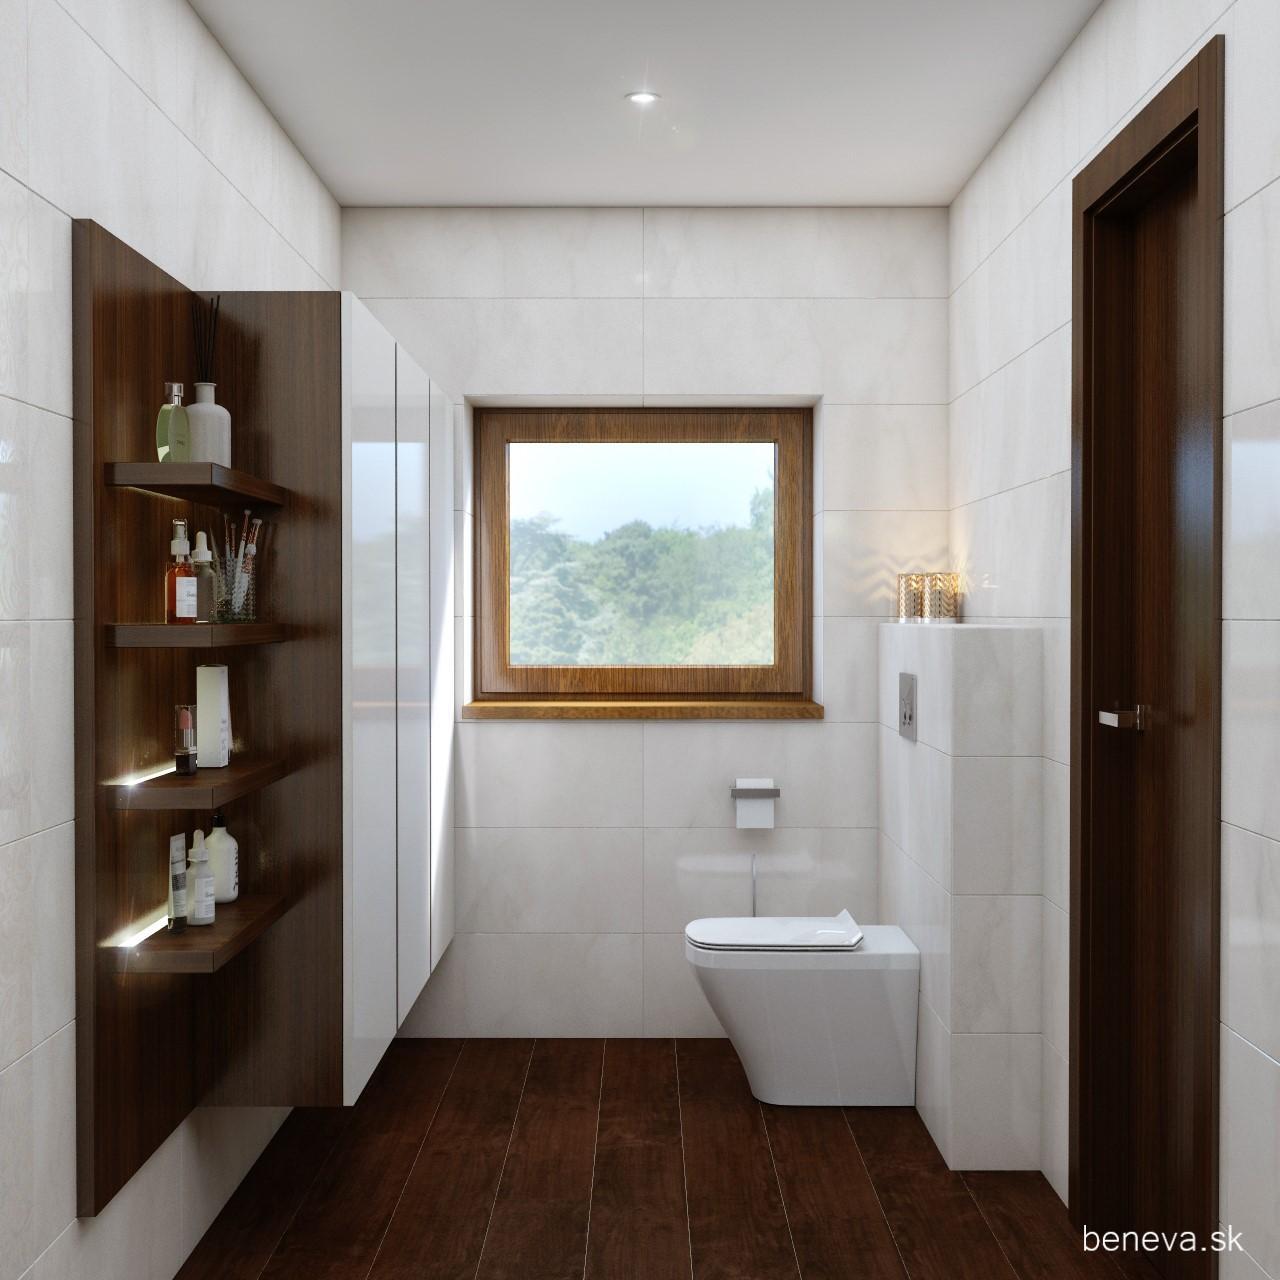 Mramorová kúpeľňa - Vizualizácie - Obrázok č. 16